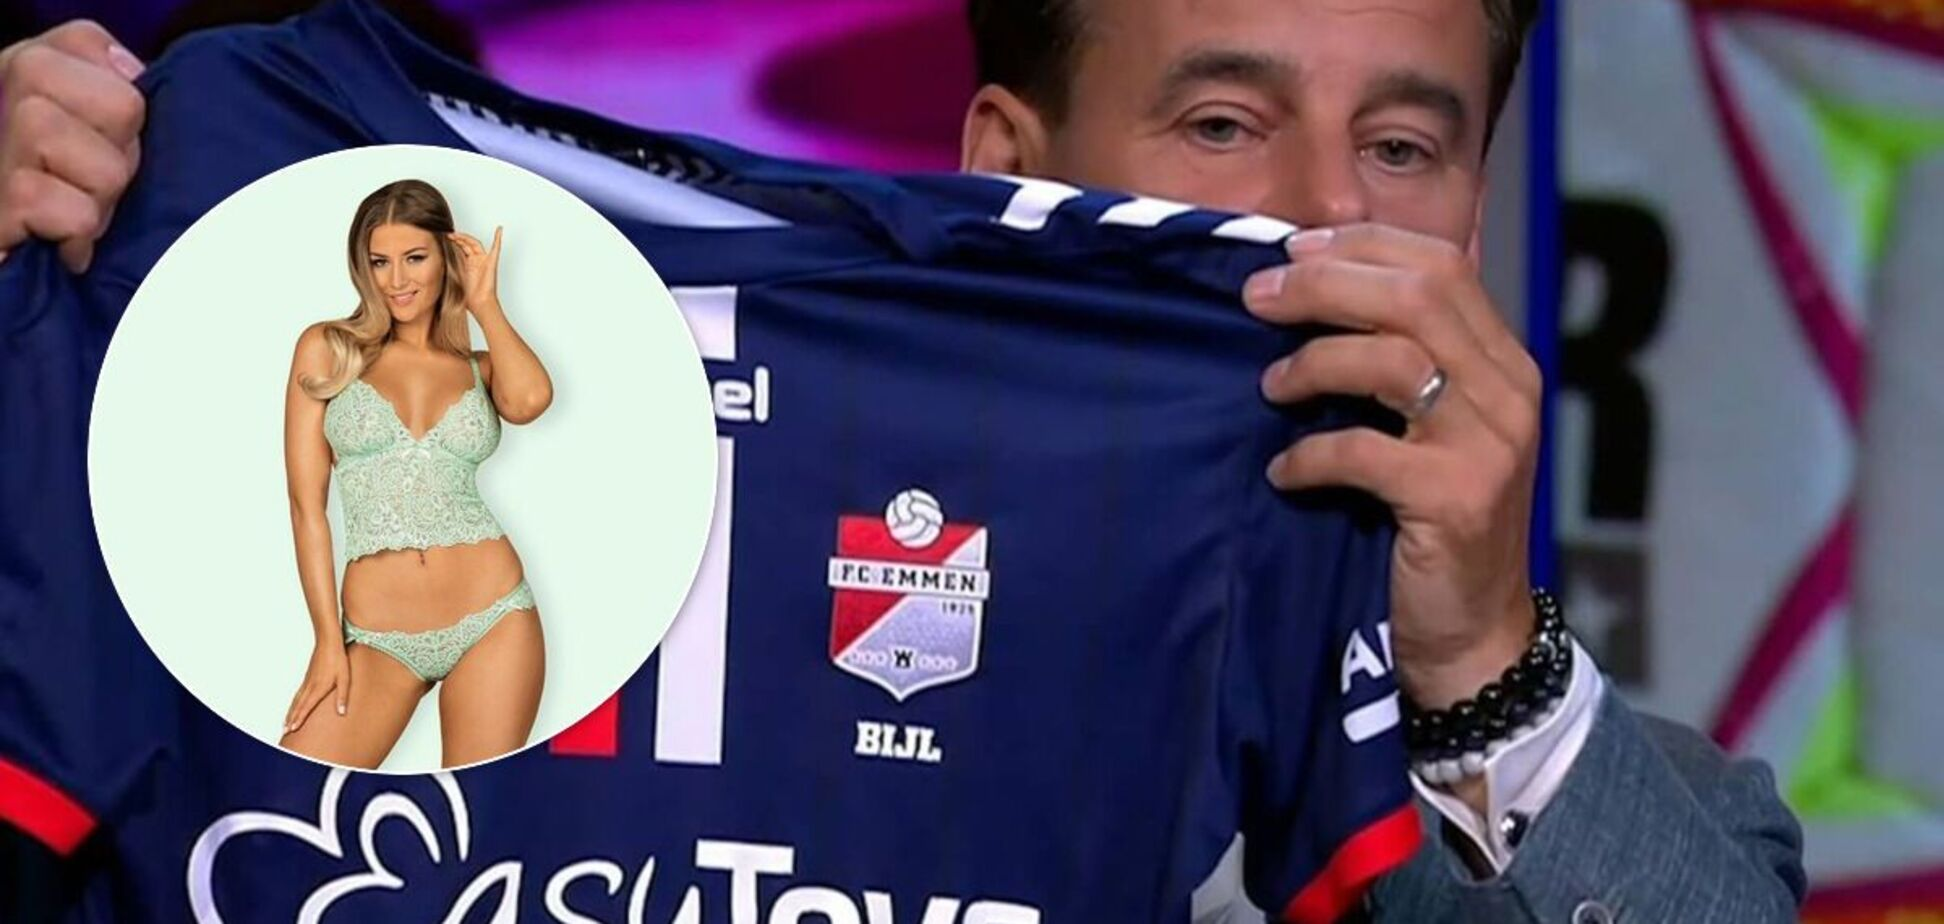 Секс-шоп став спонсором футбольного клубу в Нідерландах. Фотофакт